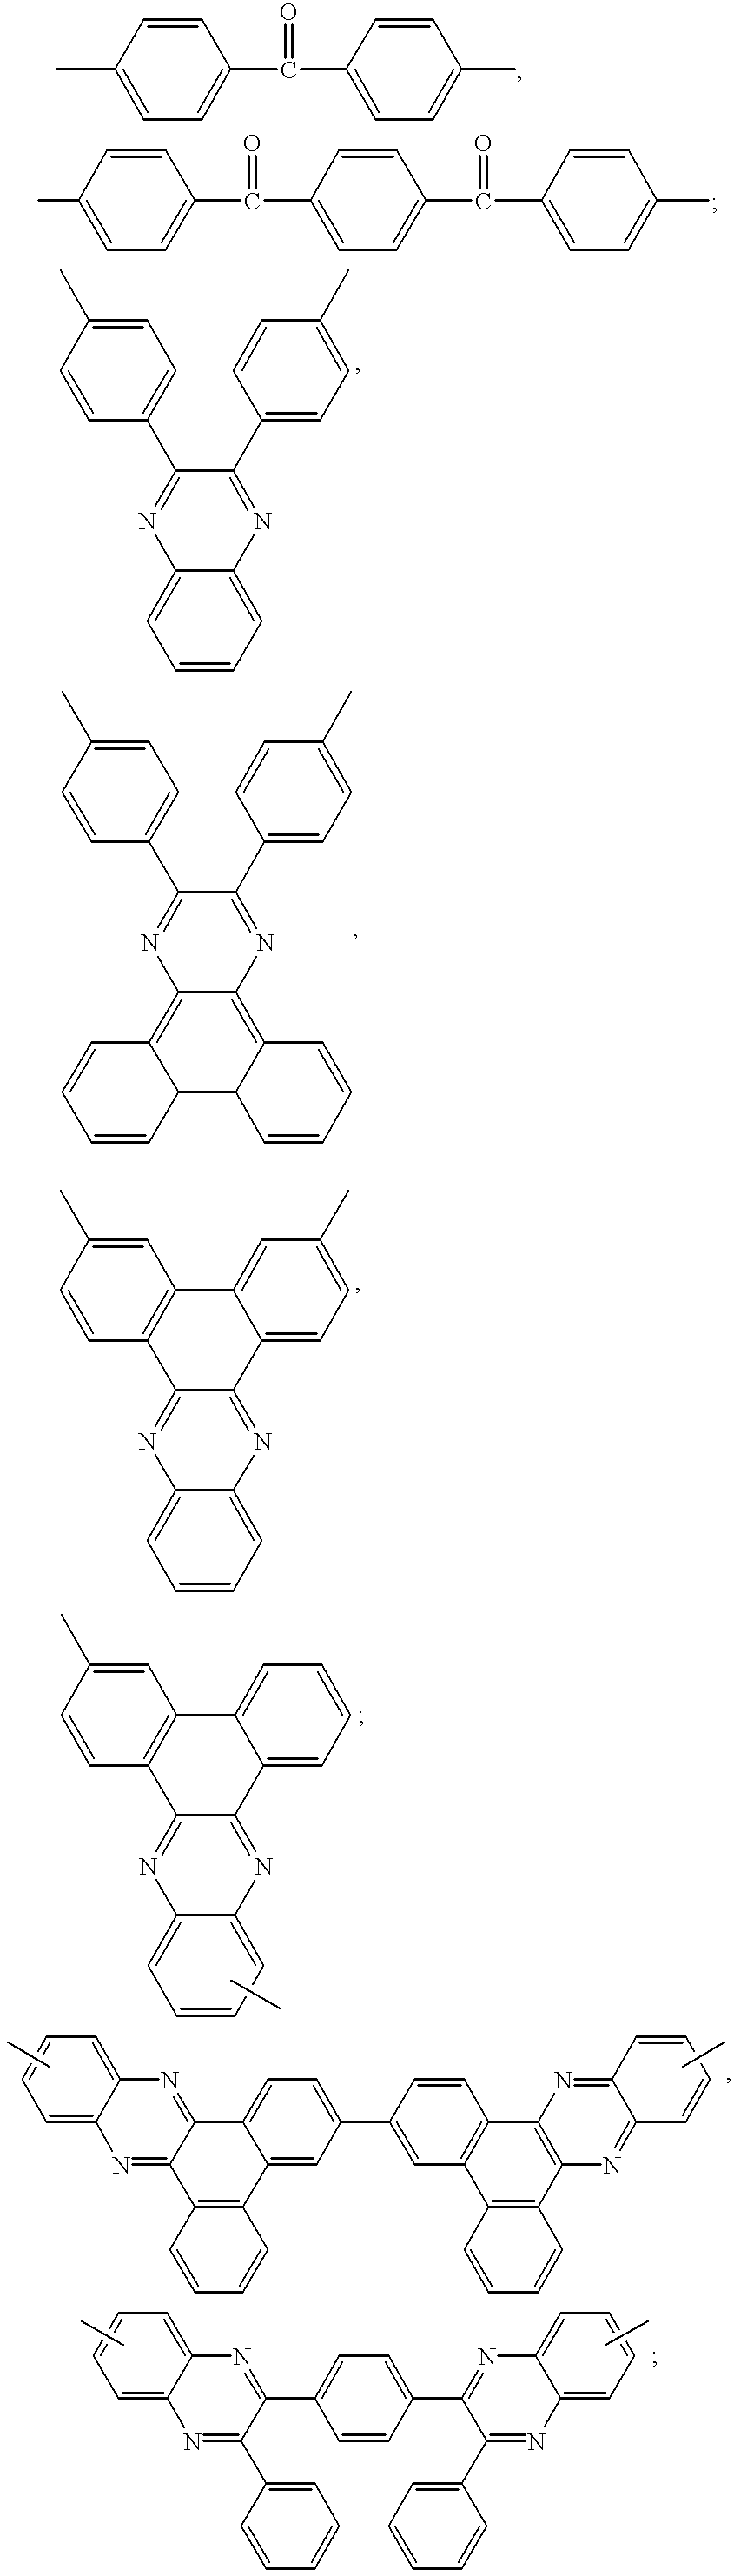 Figure US06207555-20010327-C00007